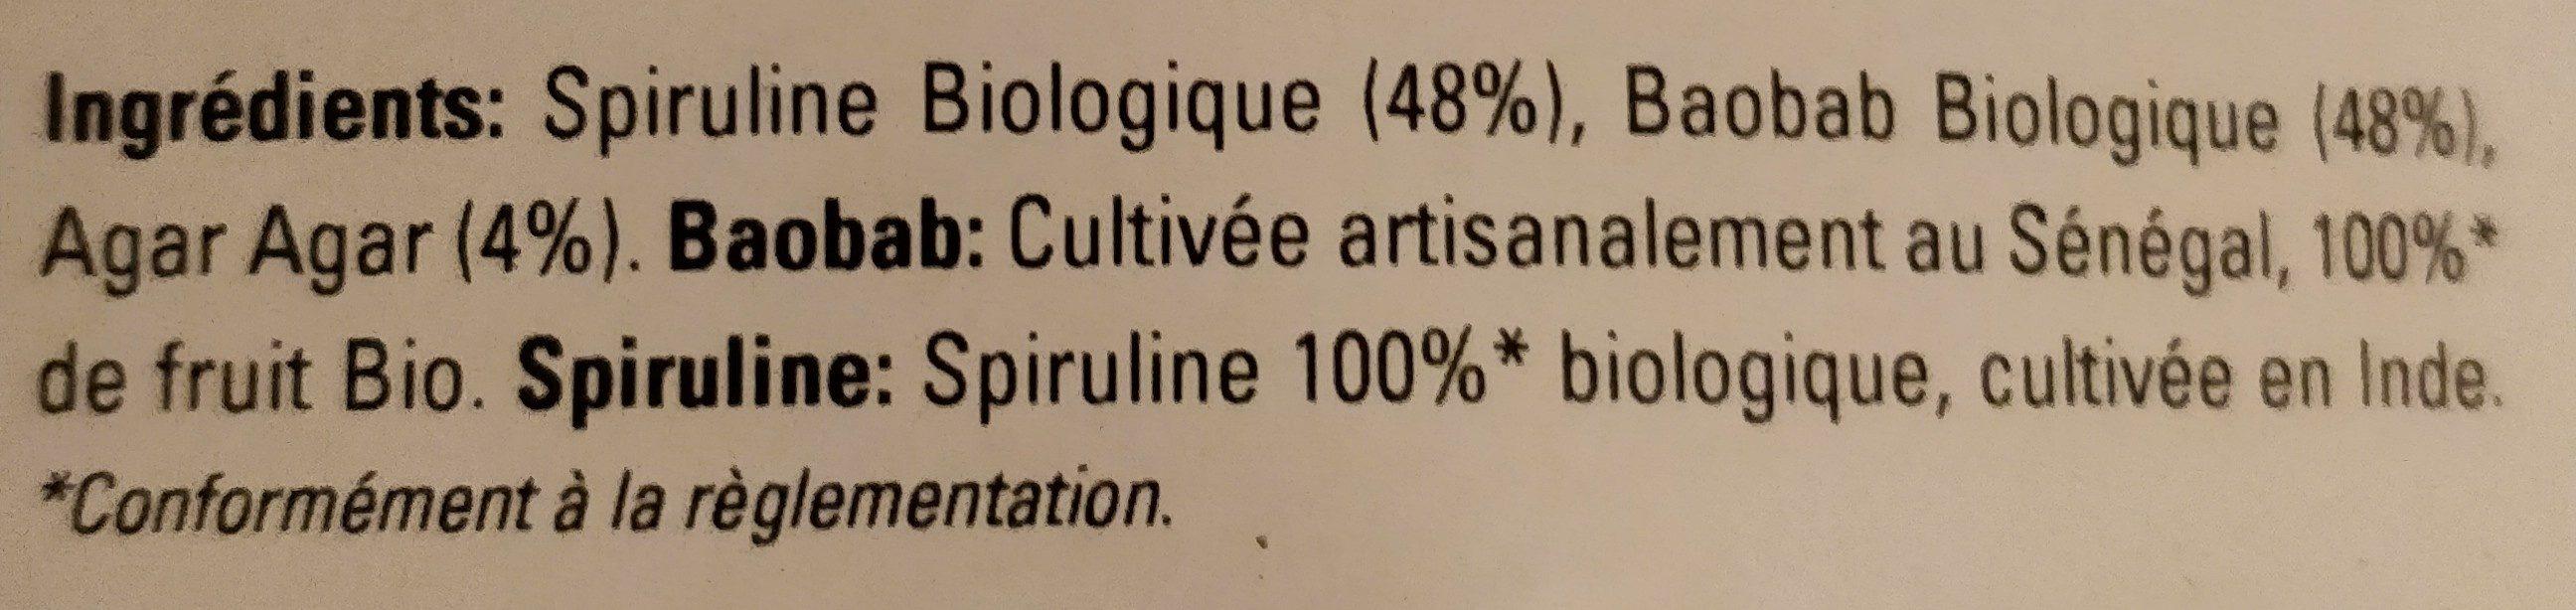 Comprimés Spiruline et Baobab - Ingredients - fr